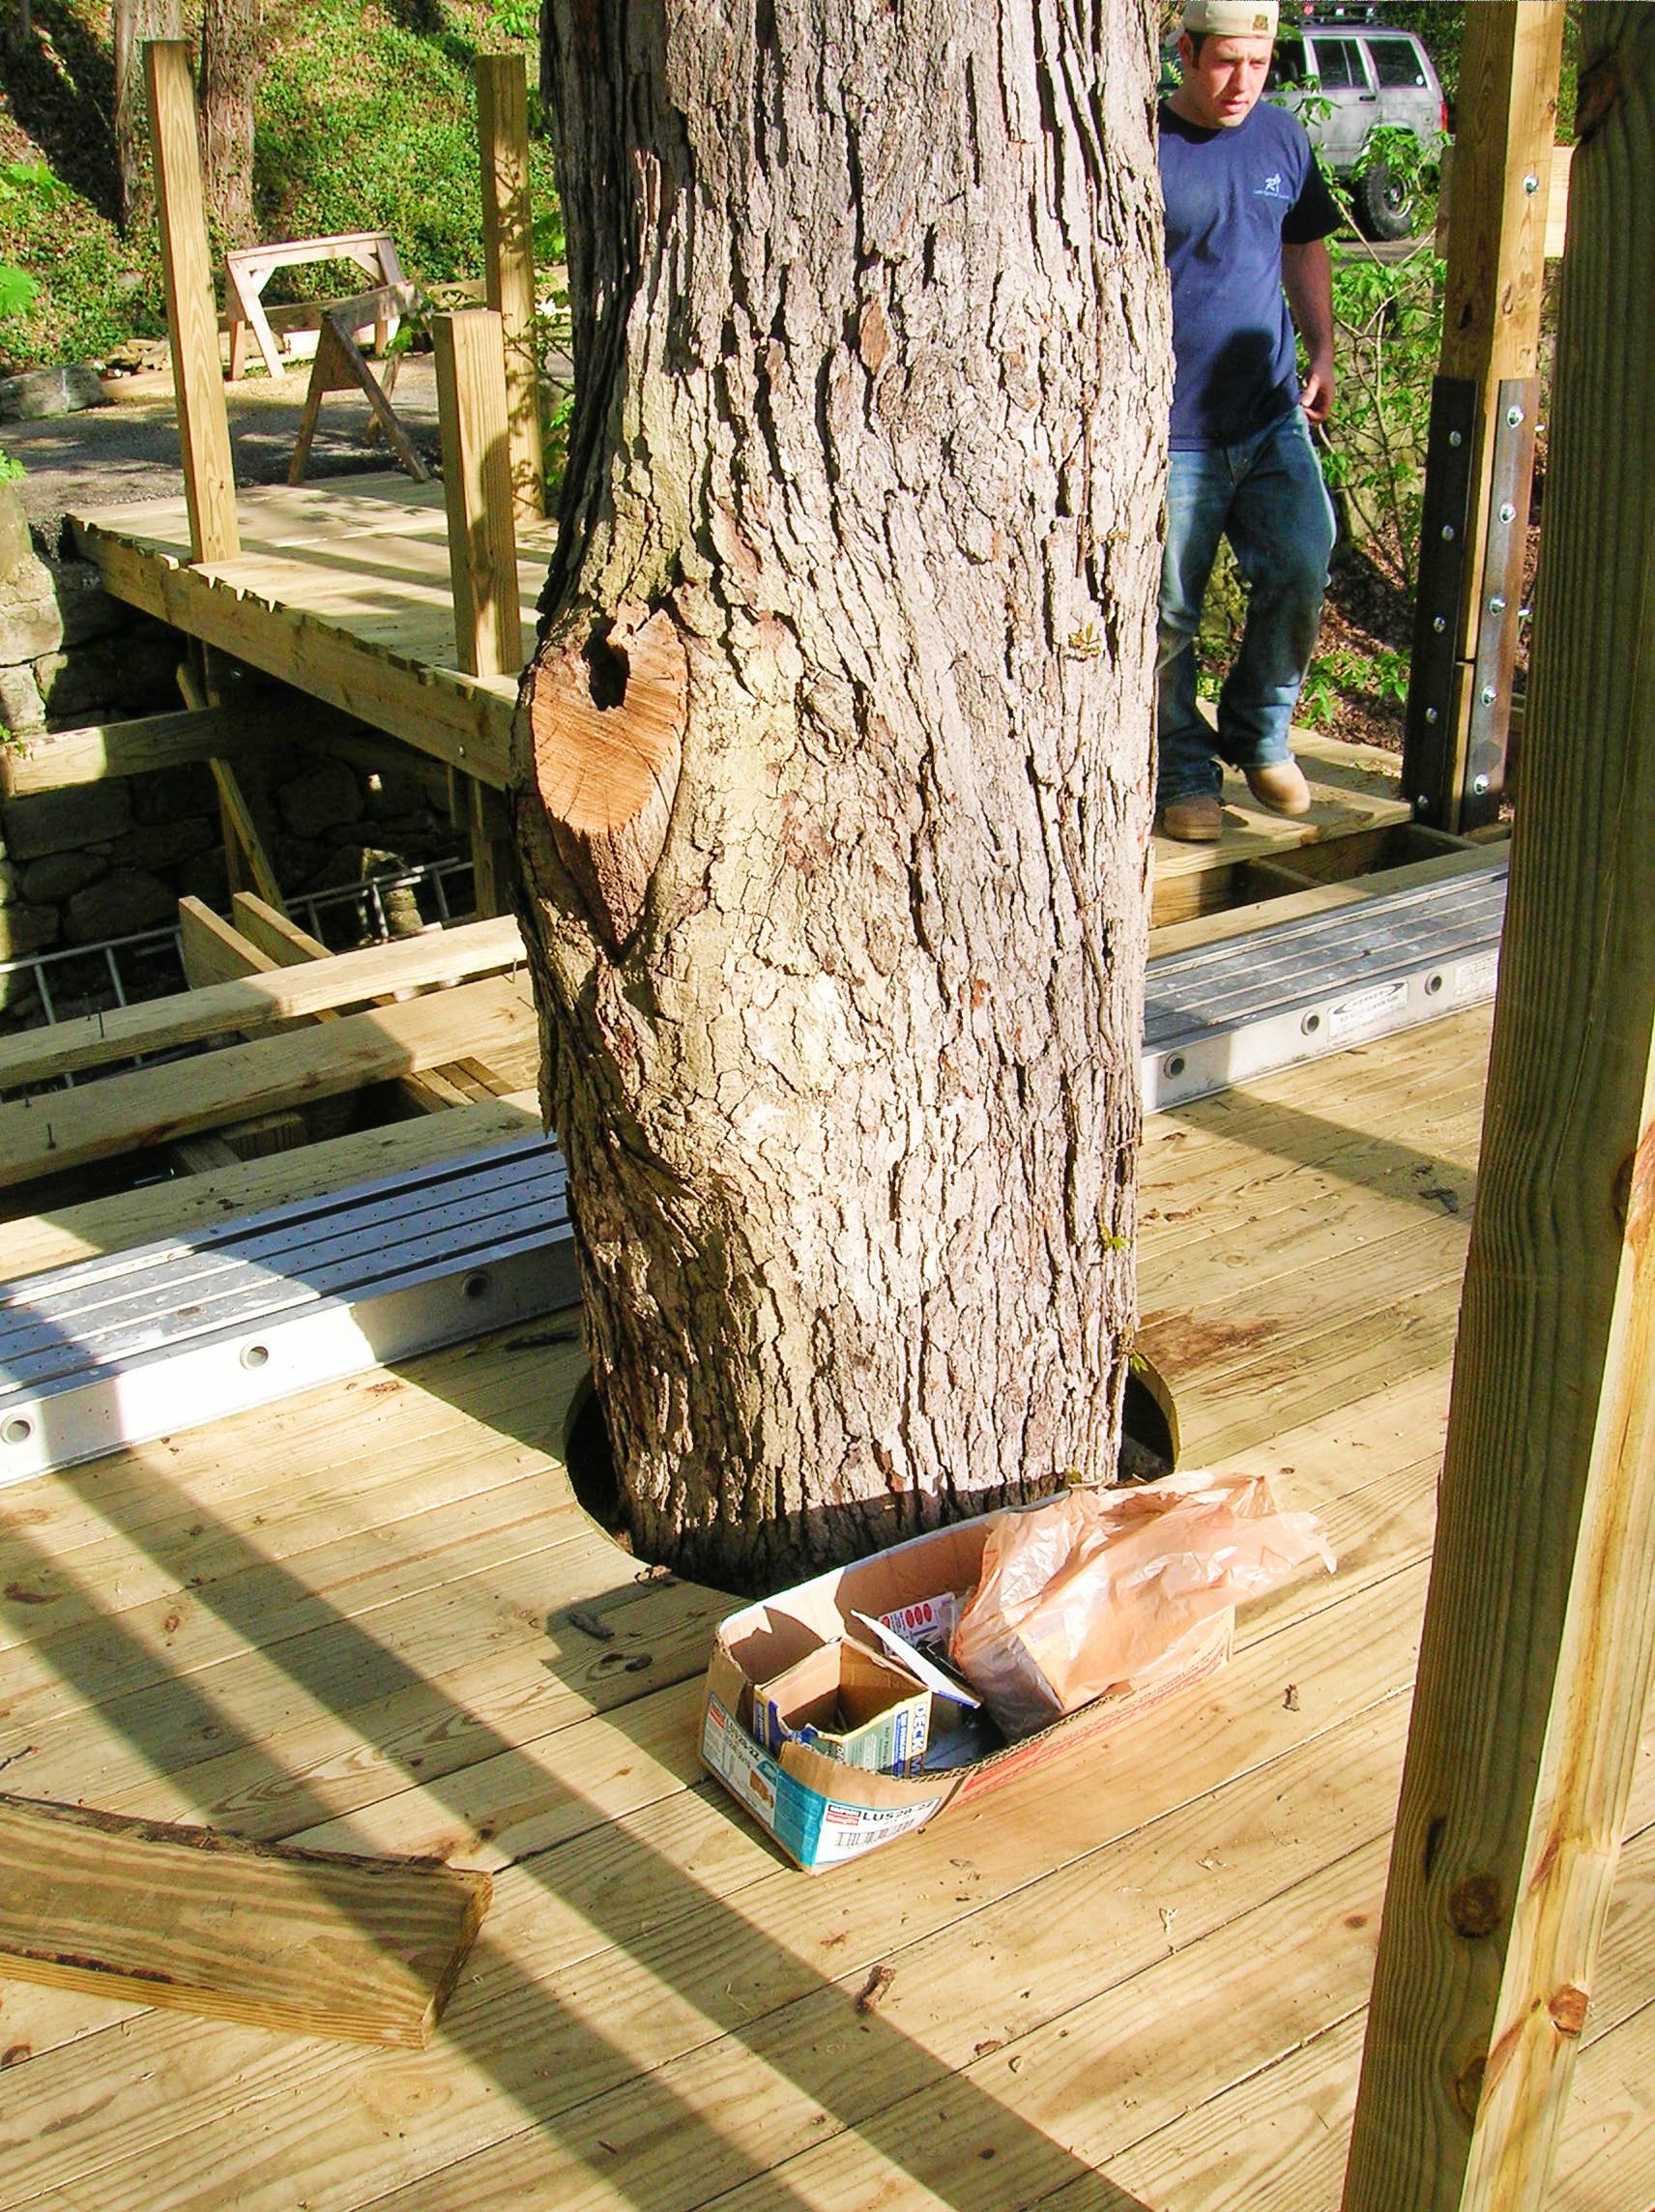 existing tree